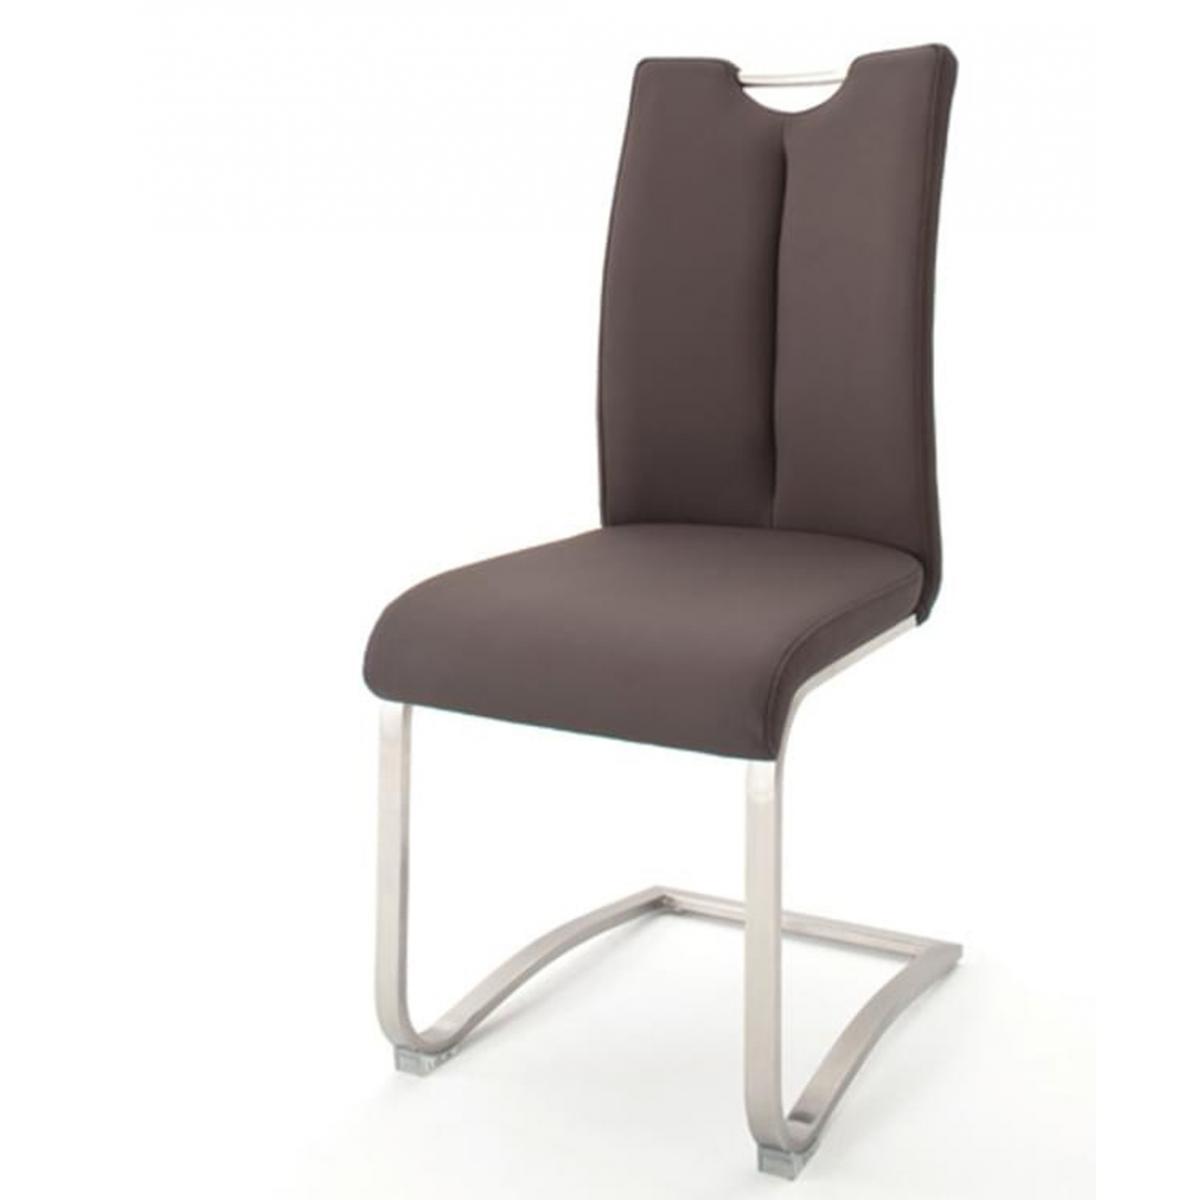 Pegane Lot de 2 chaises de salle à manger en acier et cuir artificiel marron - H.102 x L.45 x P.58 cm